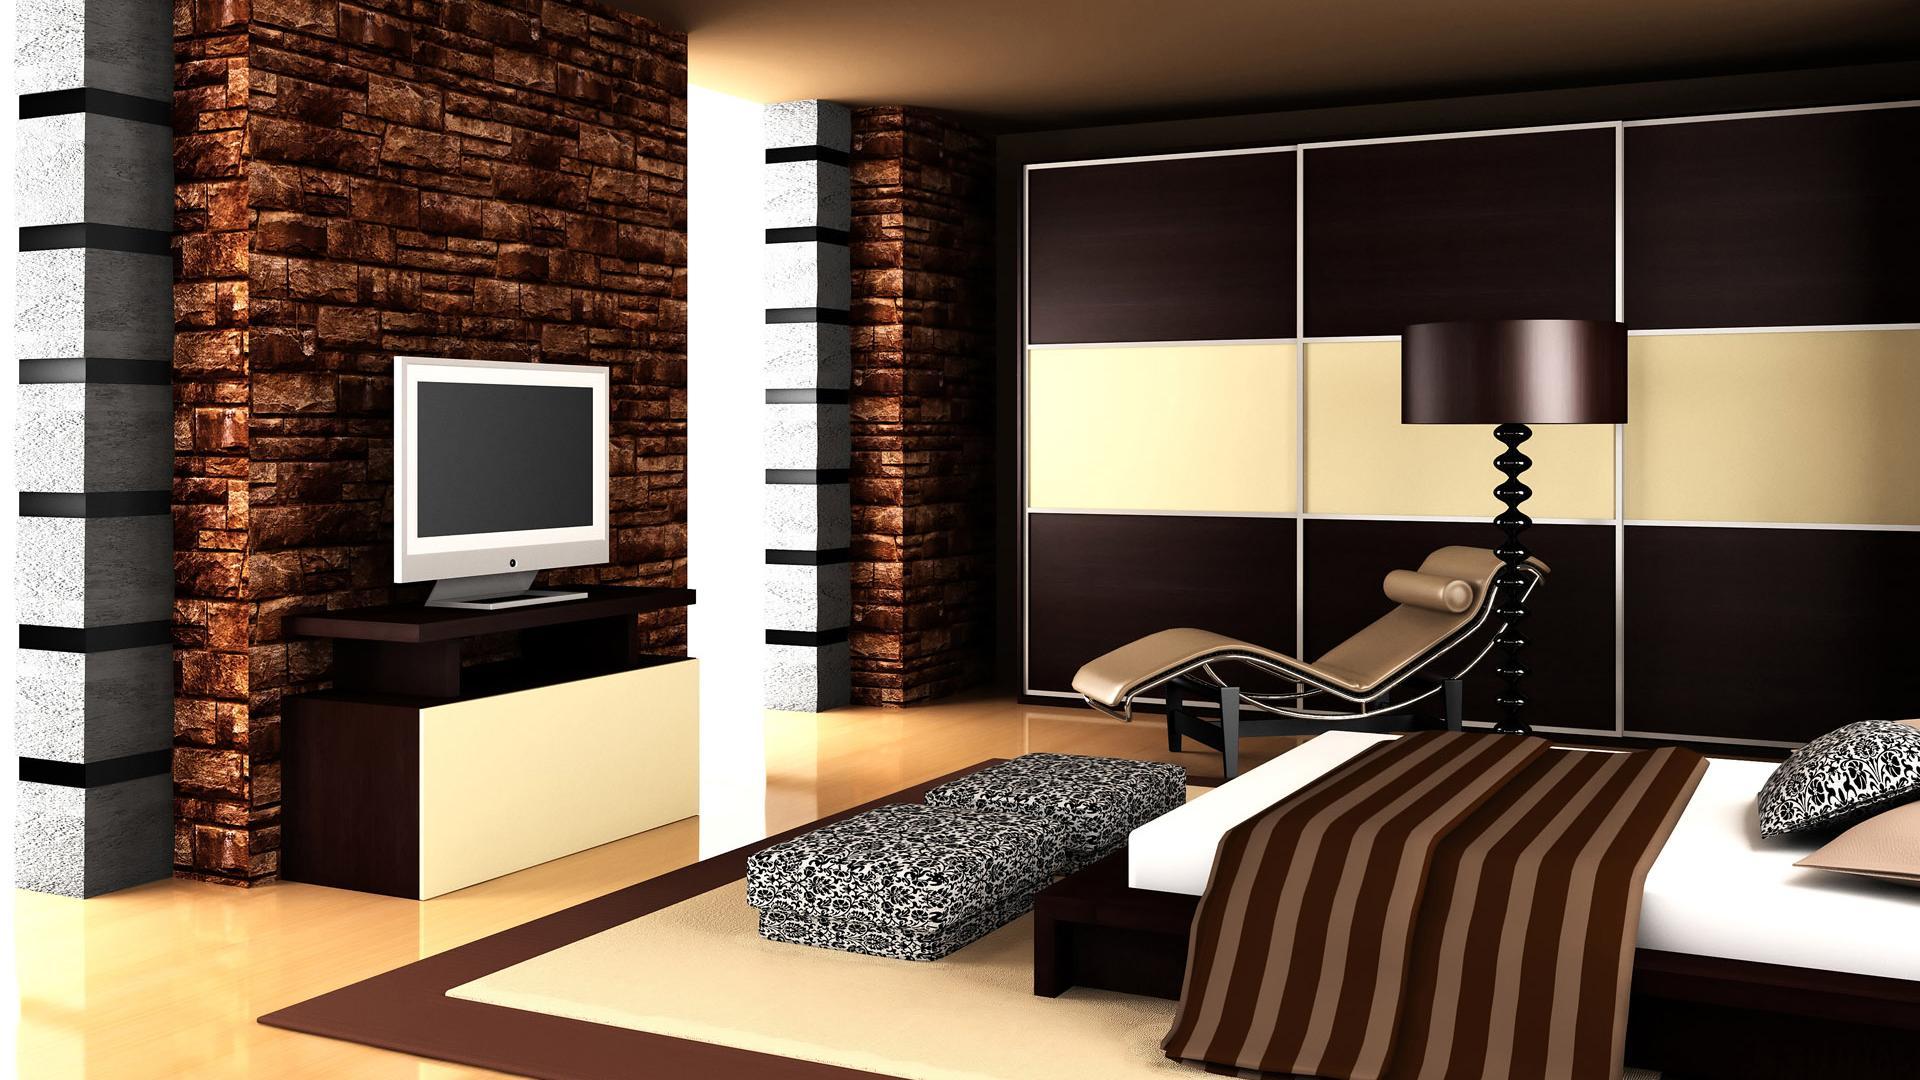 interior design furniture bedroom bedroom suite 1920x1080